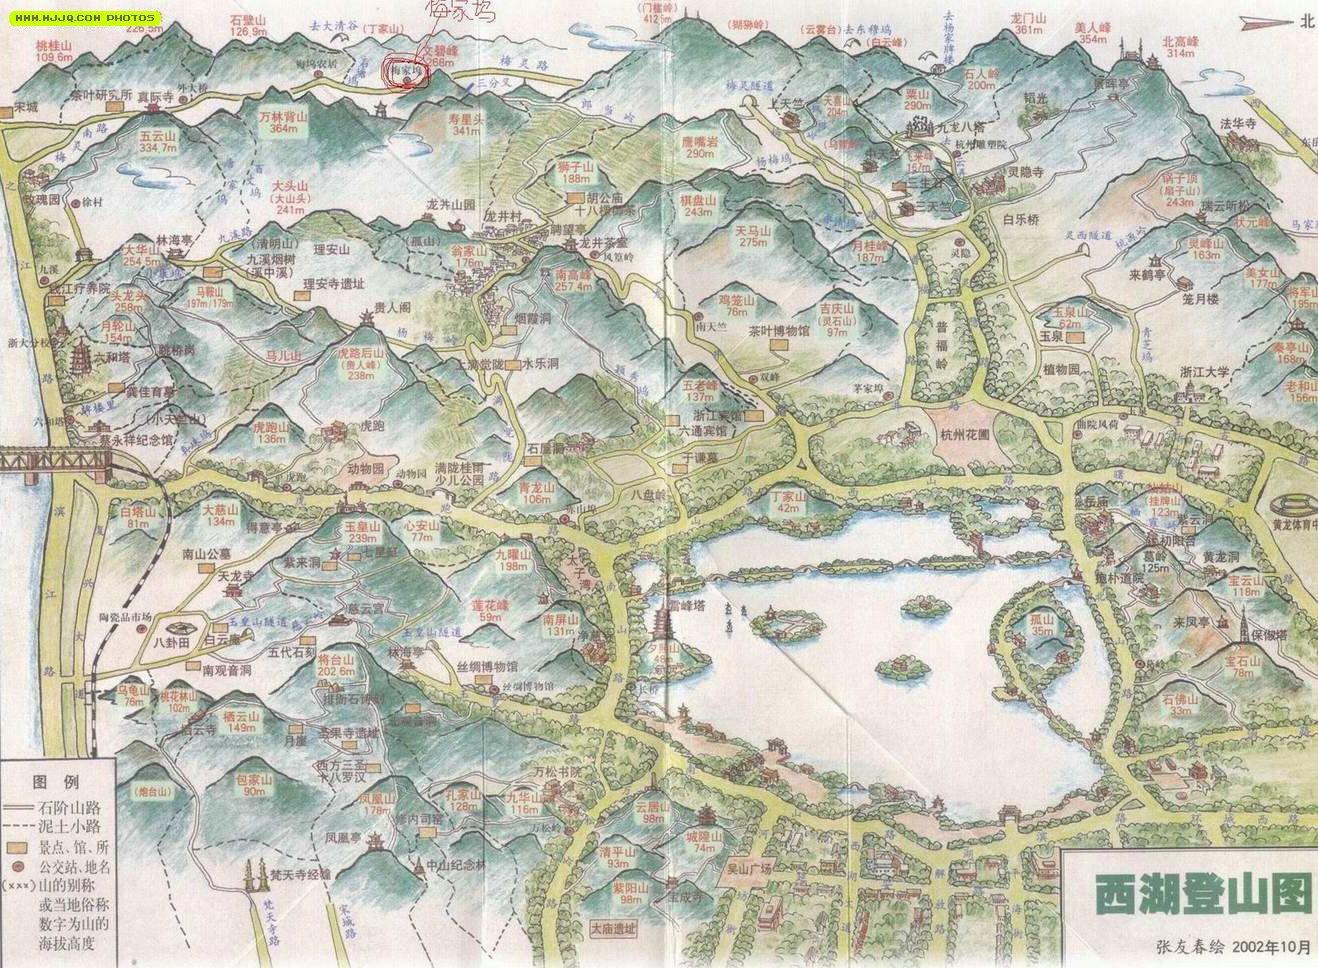 西湖登山地图图片